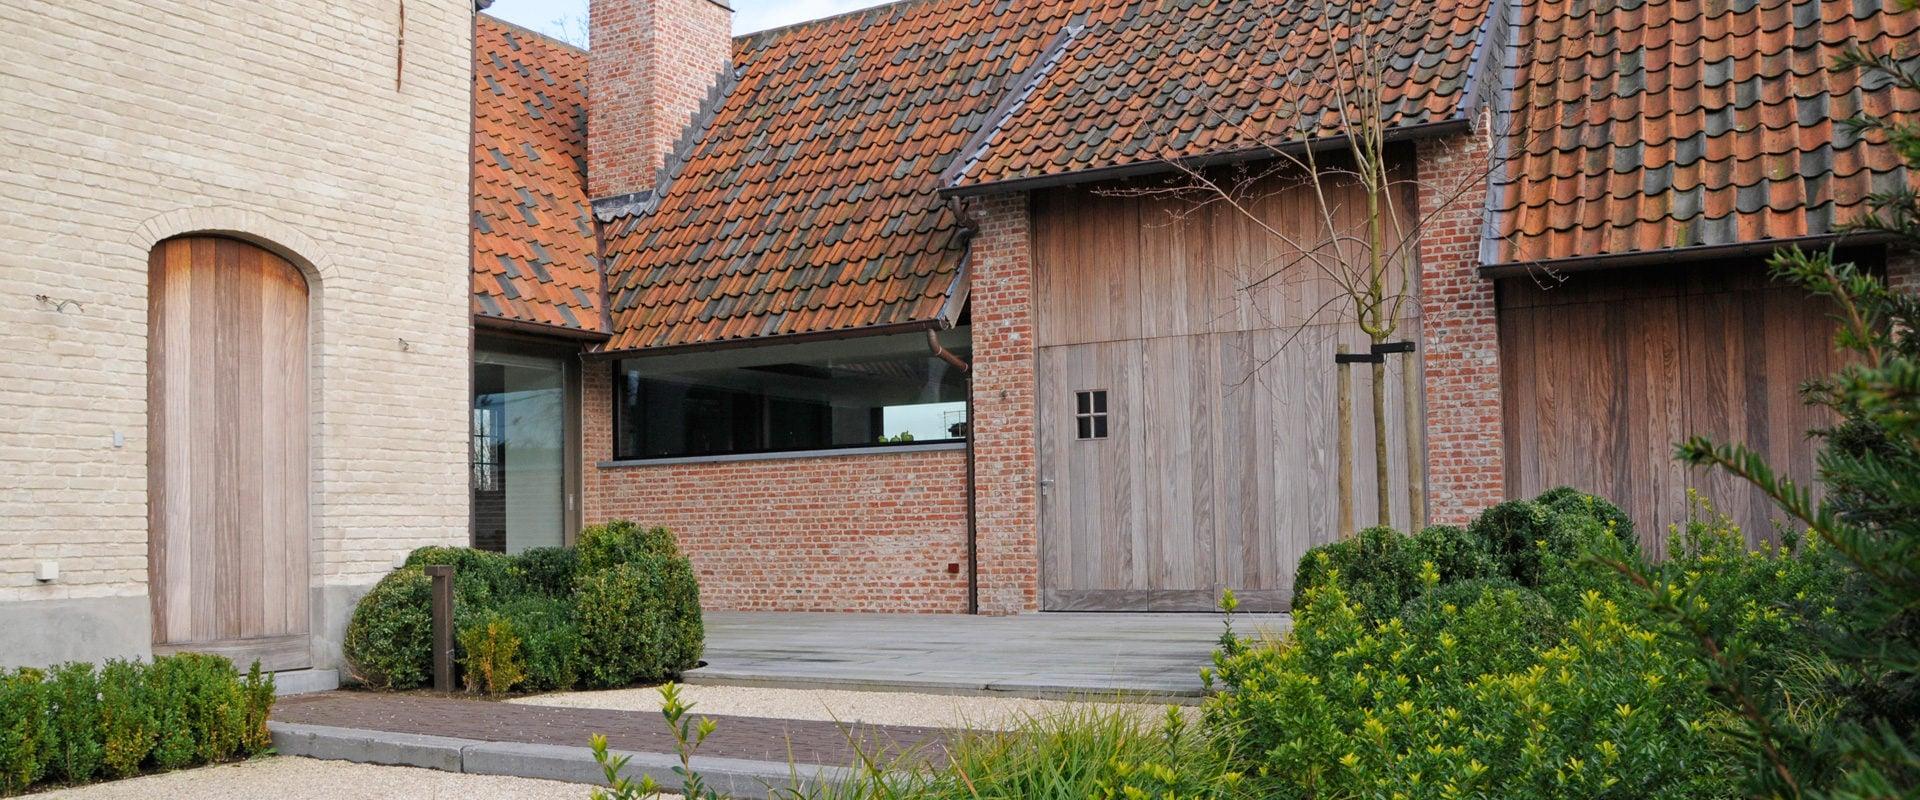 Tarieven - Kasteel Van Laarne